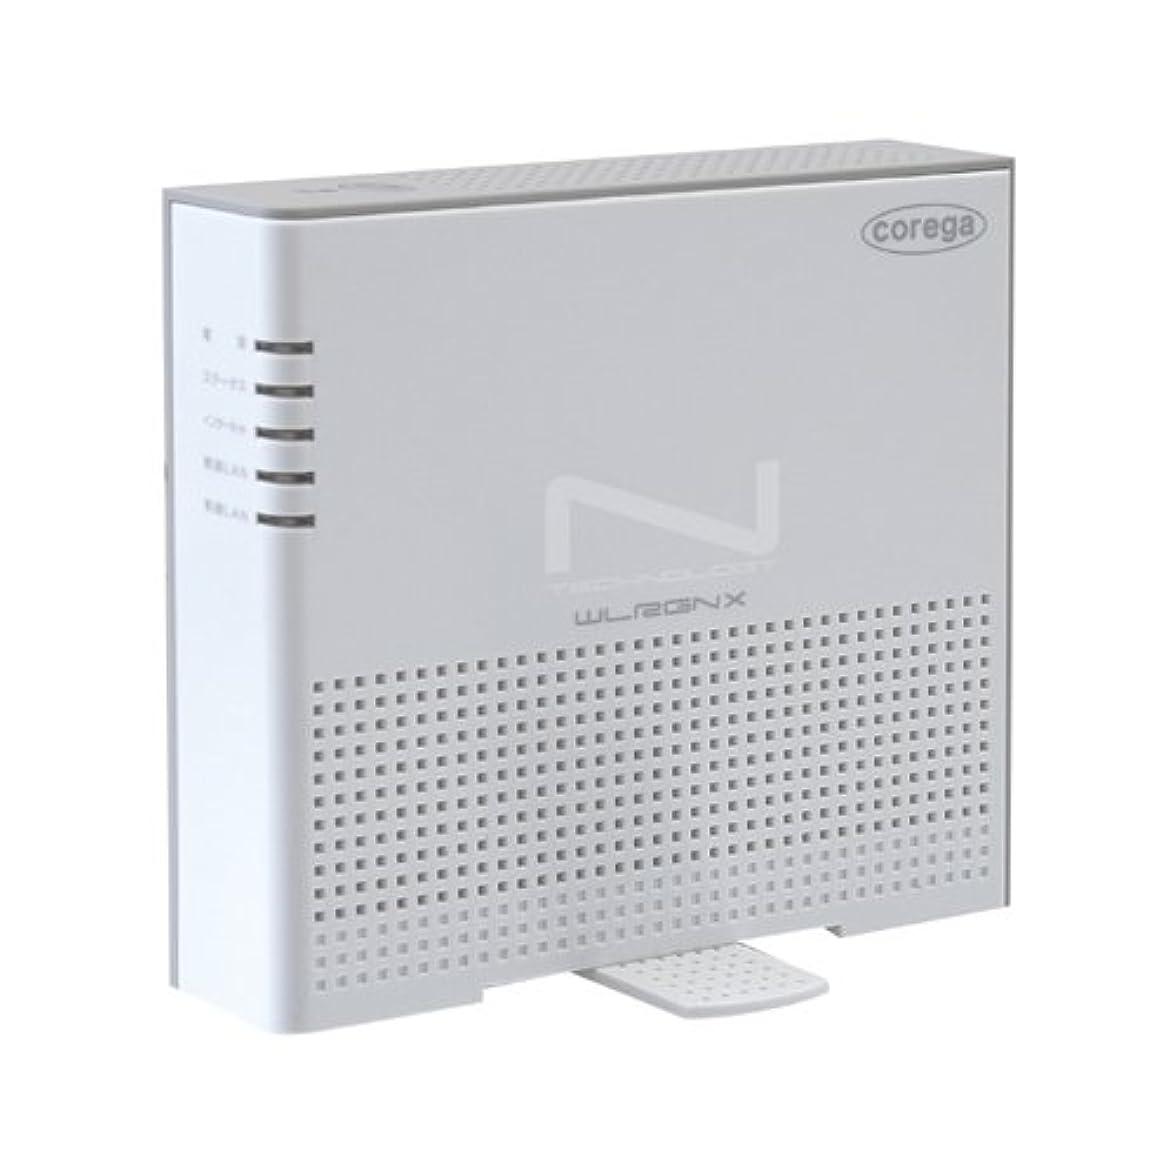 回路家庭鳥Corega 無線LANコンパクトルータ Draft11n CG-WLRGNXW